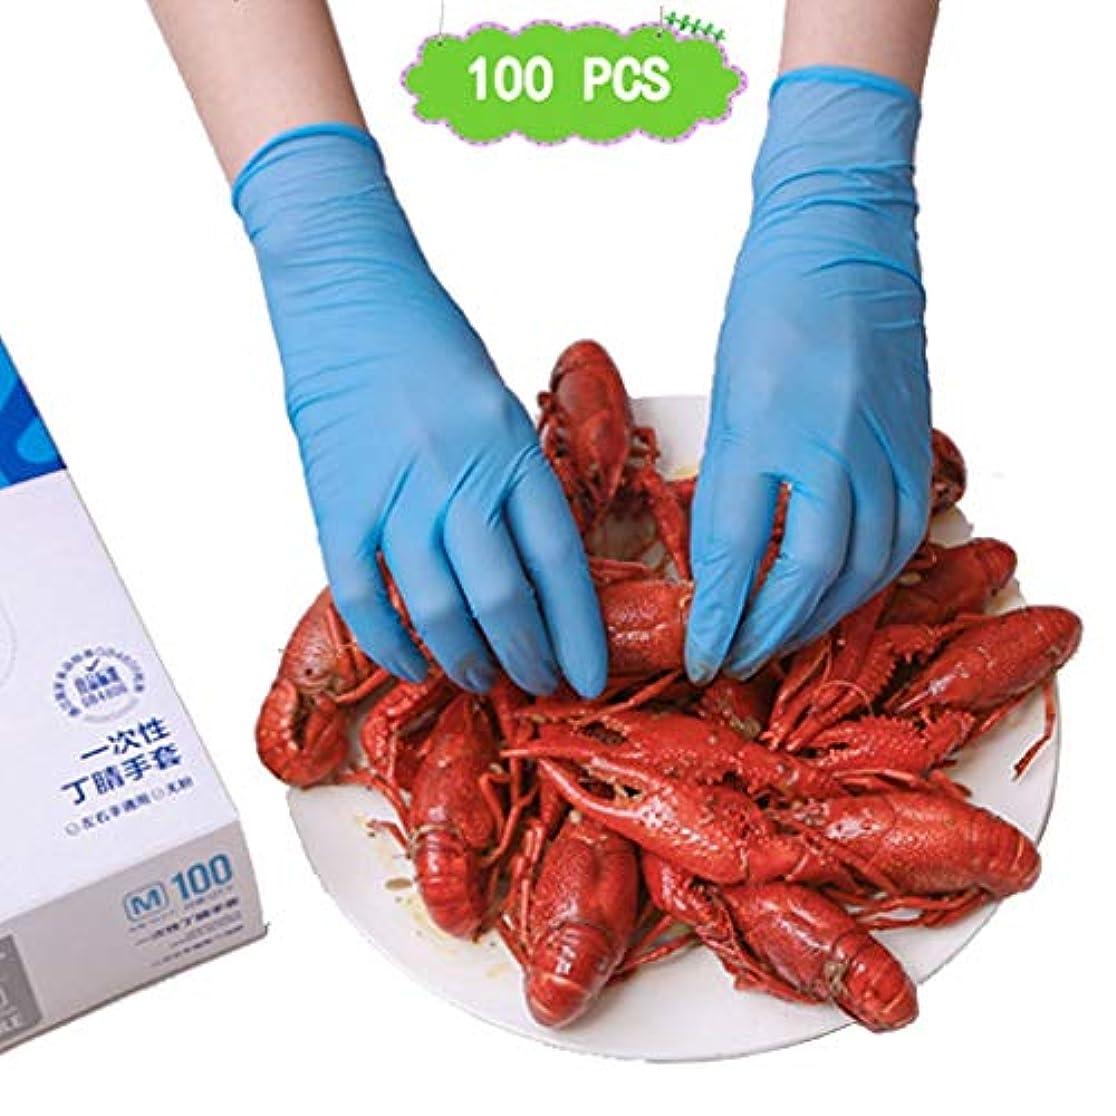 石鹸例スライムニトリル手袋、滑り止め使い捨て手袋ペットケアブルーフィンガーヘンプキッチンクリーニングエビビューティーサロンラテックスフリー、ダークブルーパウダーフリー、100個 (Size : S)